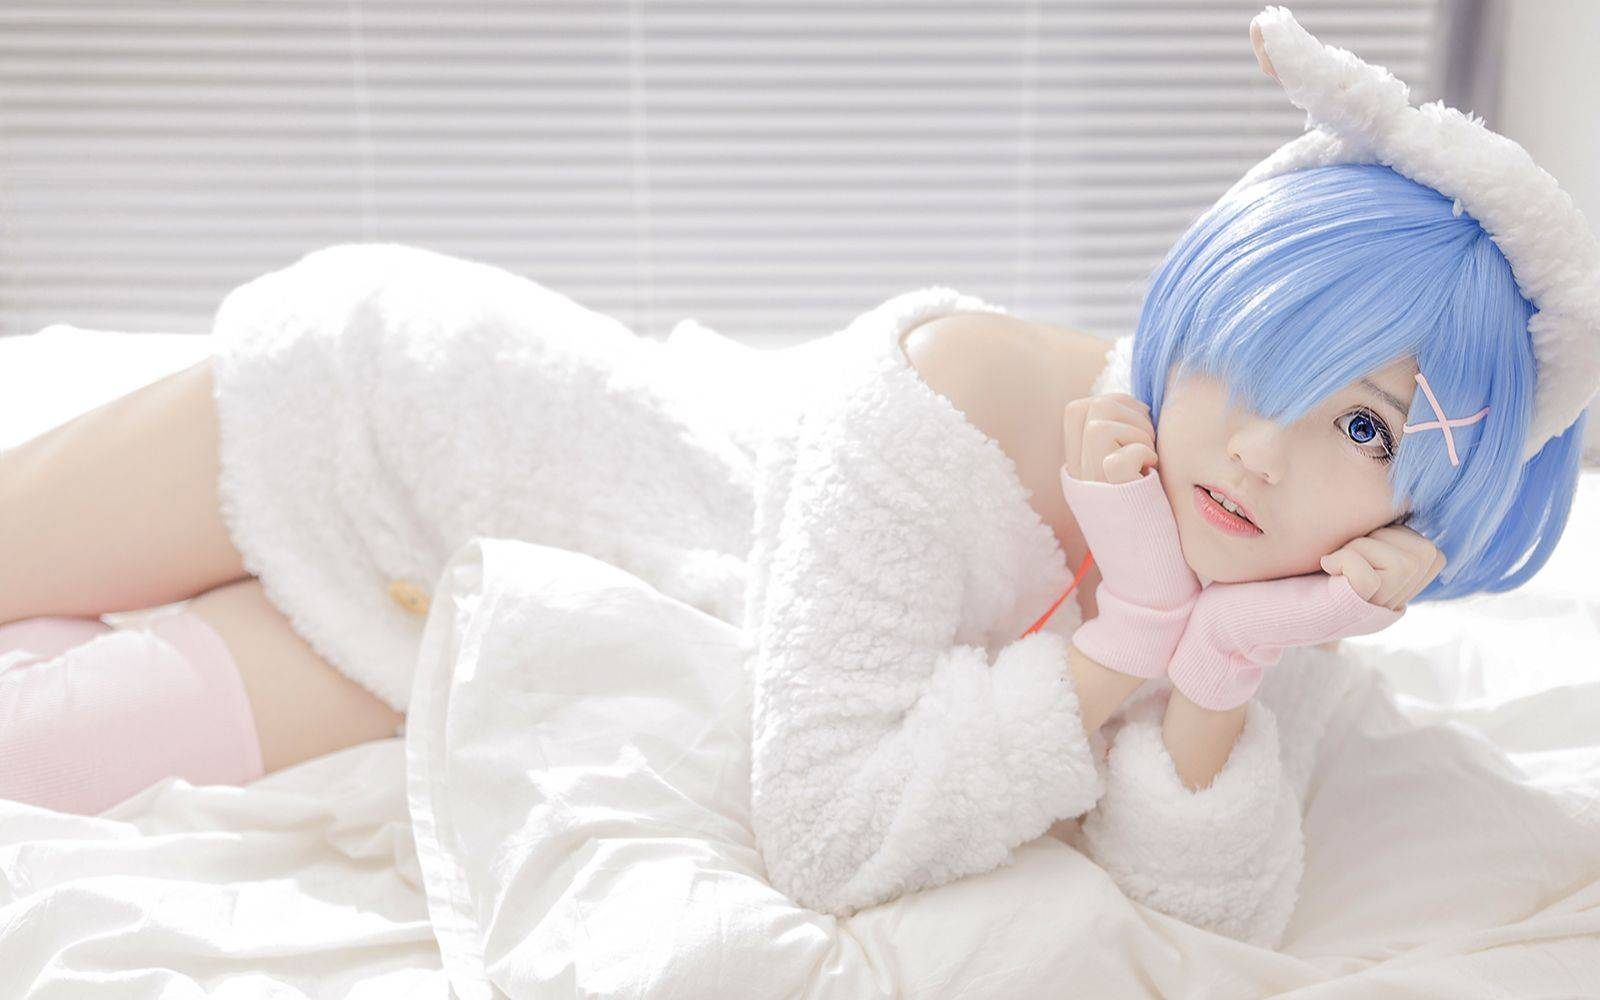 【阿证】67你们蕾姆老婆在我床上? ! cos私房实拍! 佳能RP+EF50 1.8